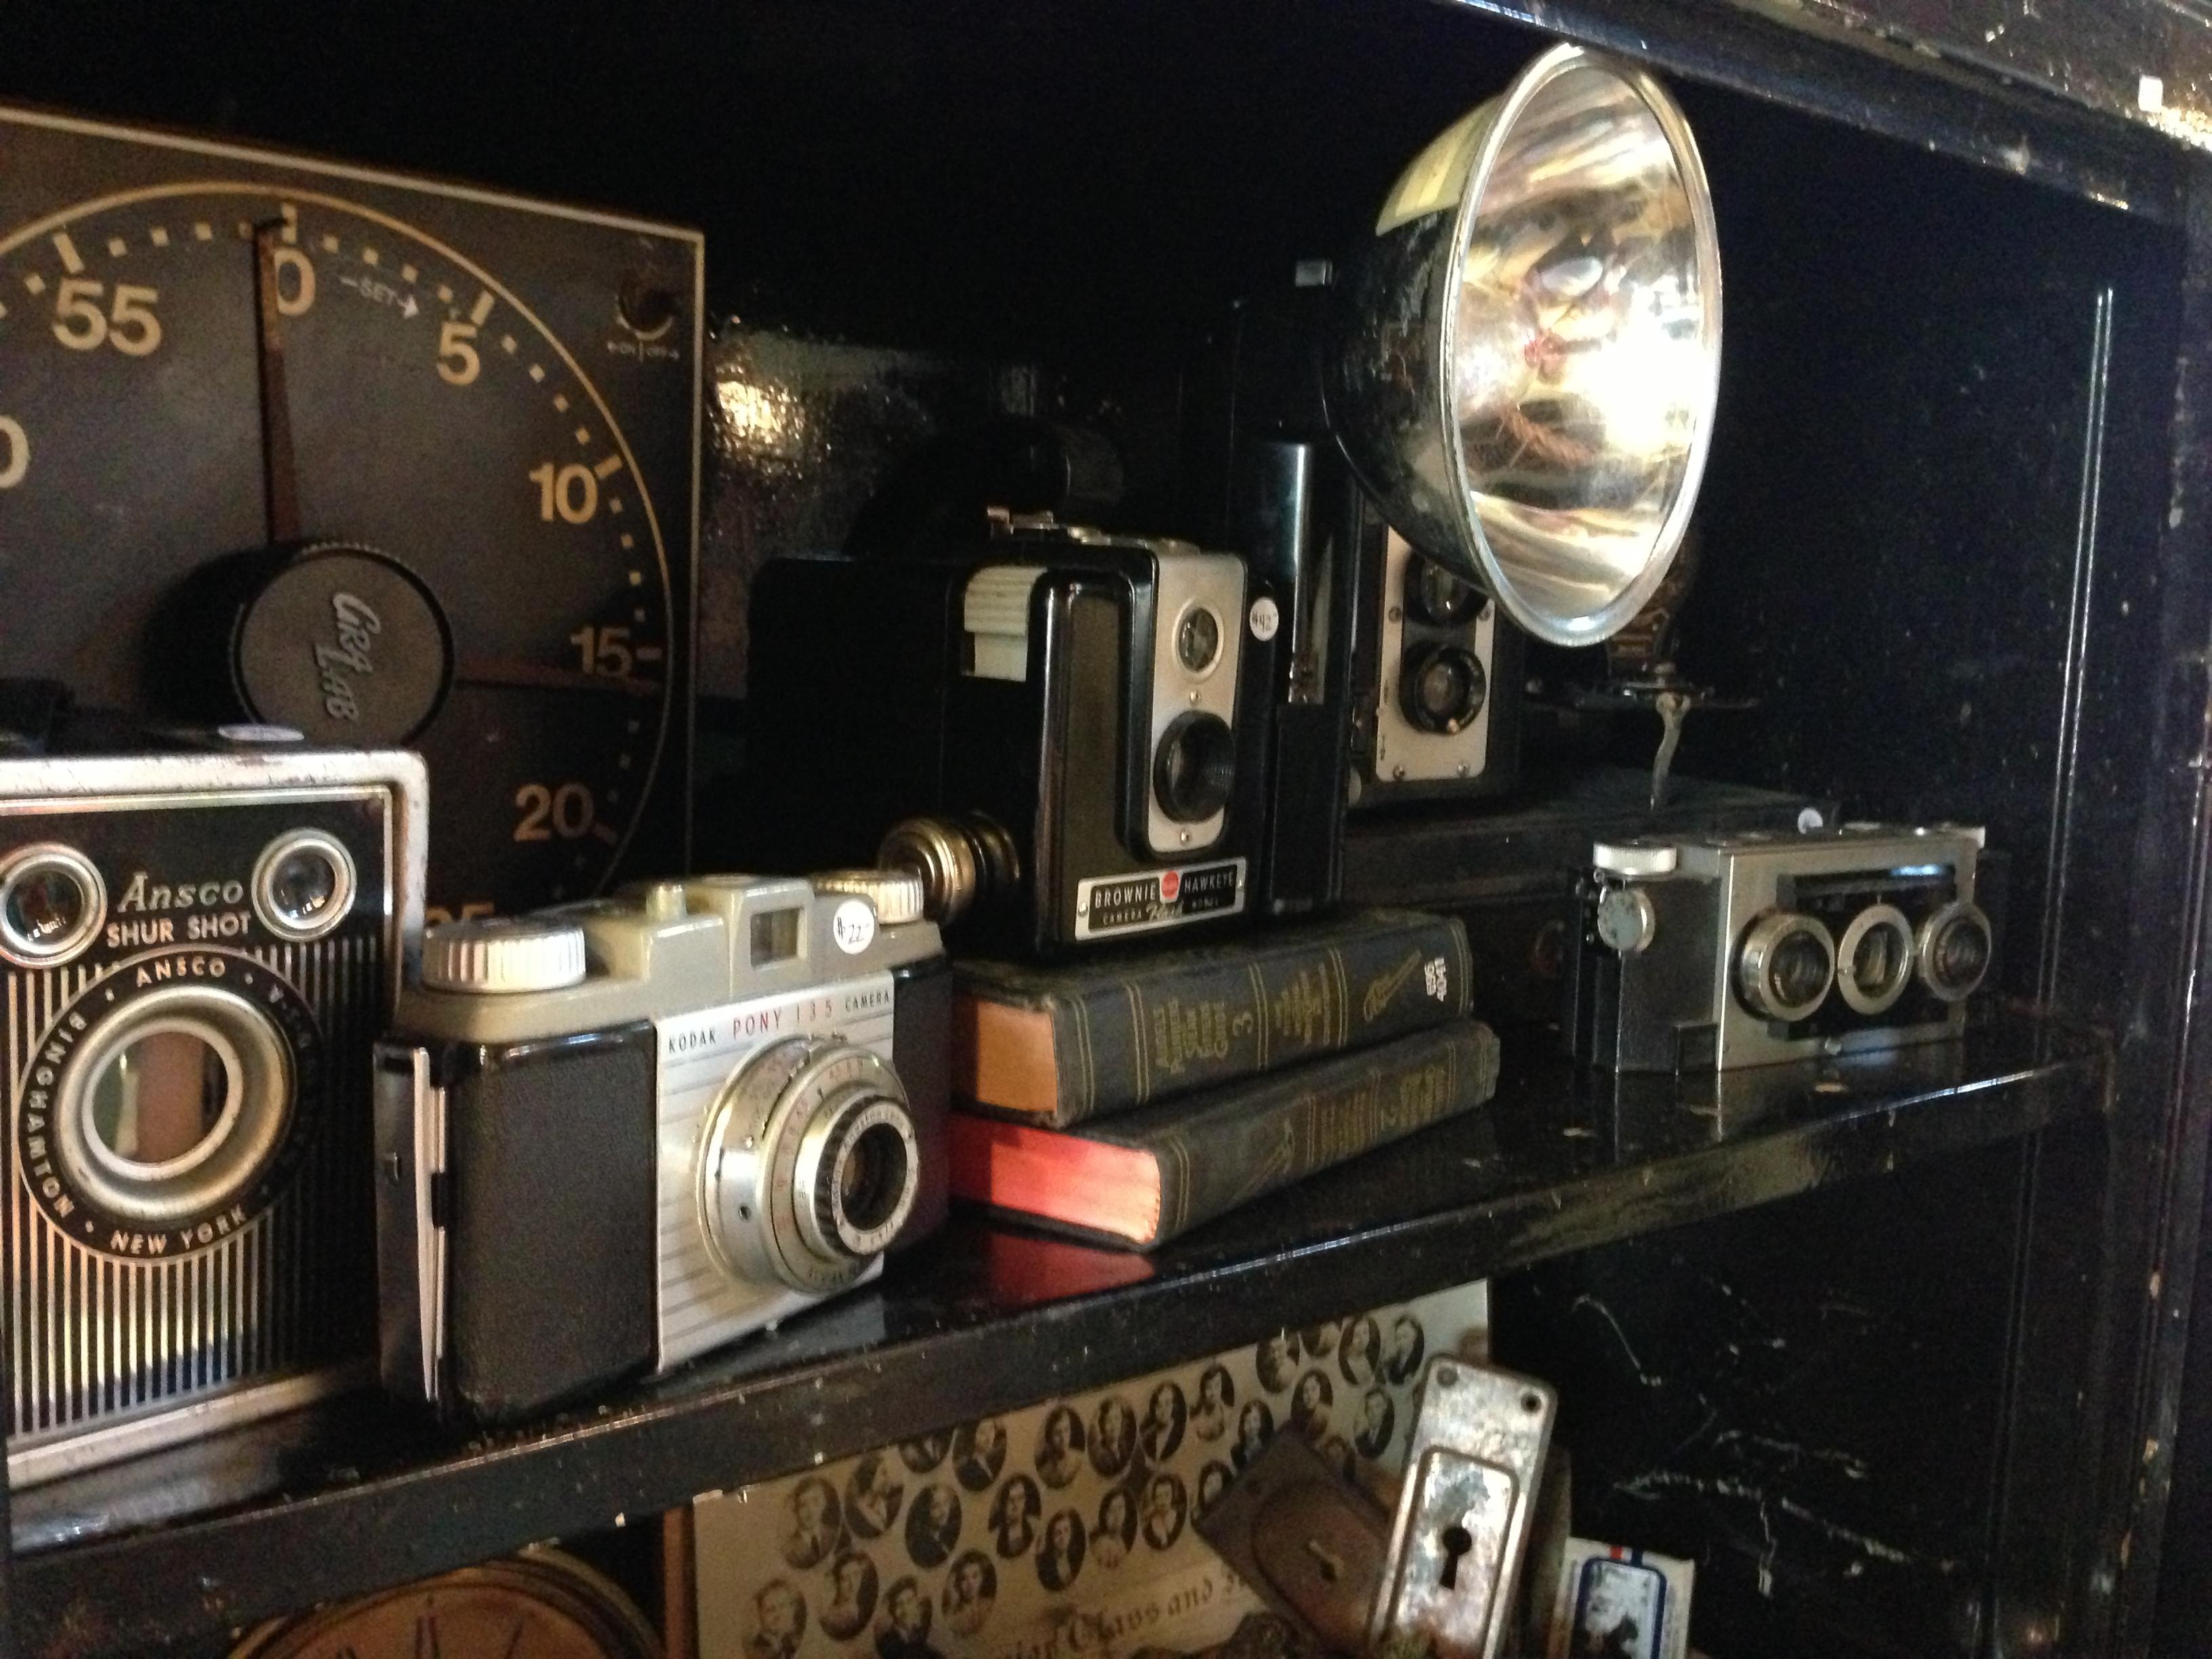 camera's galore